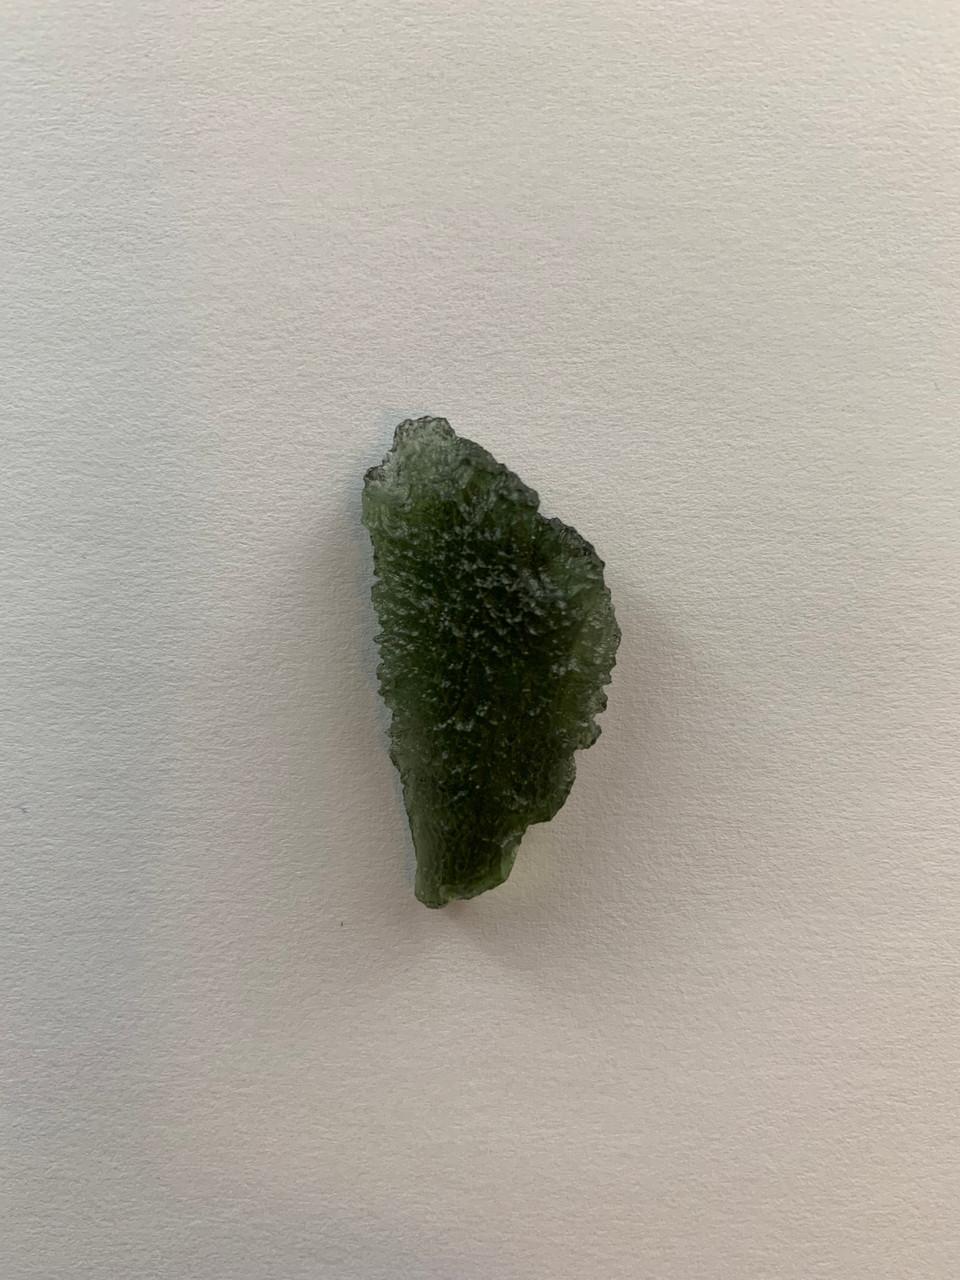 7. Moldavite Stone